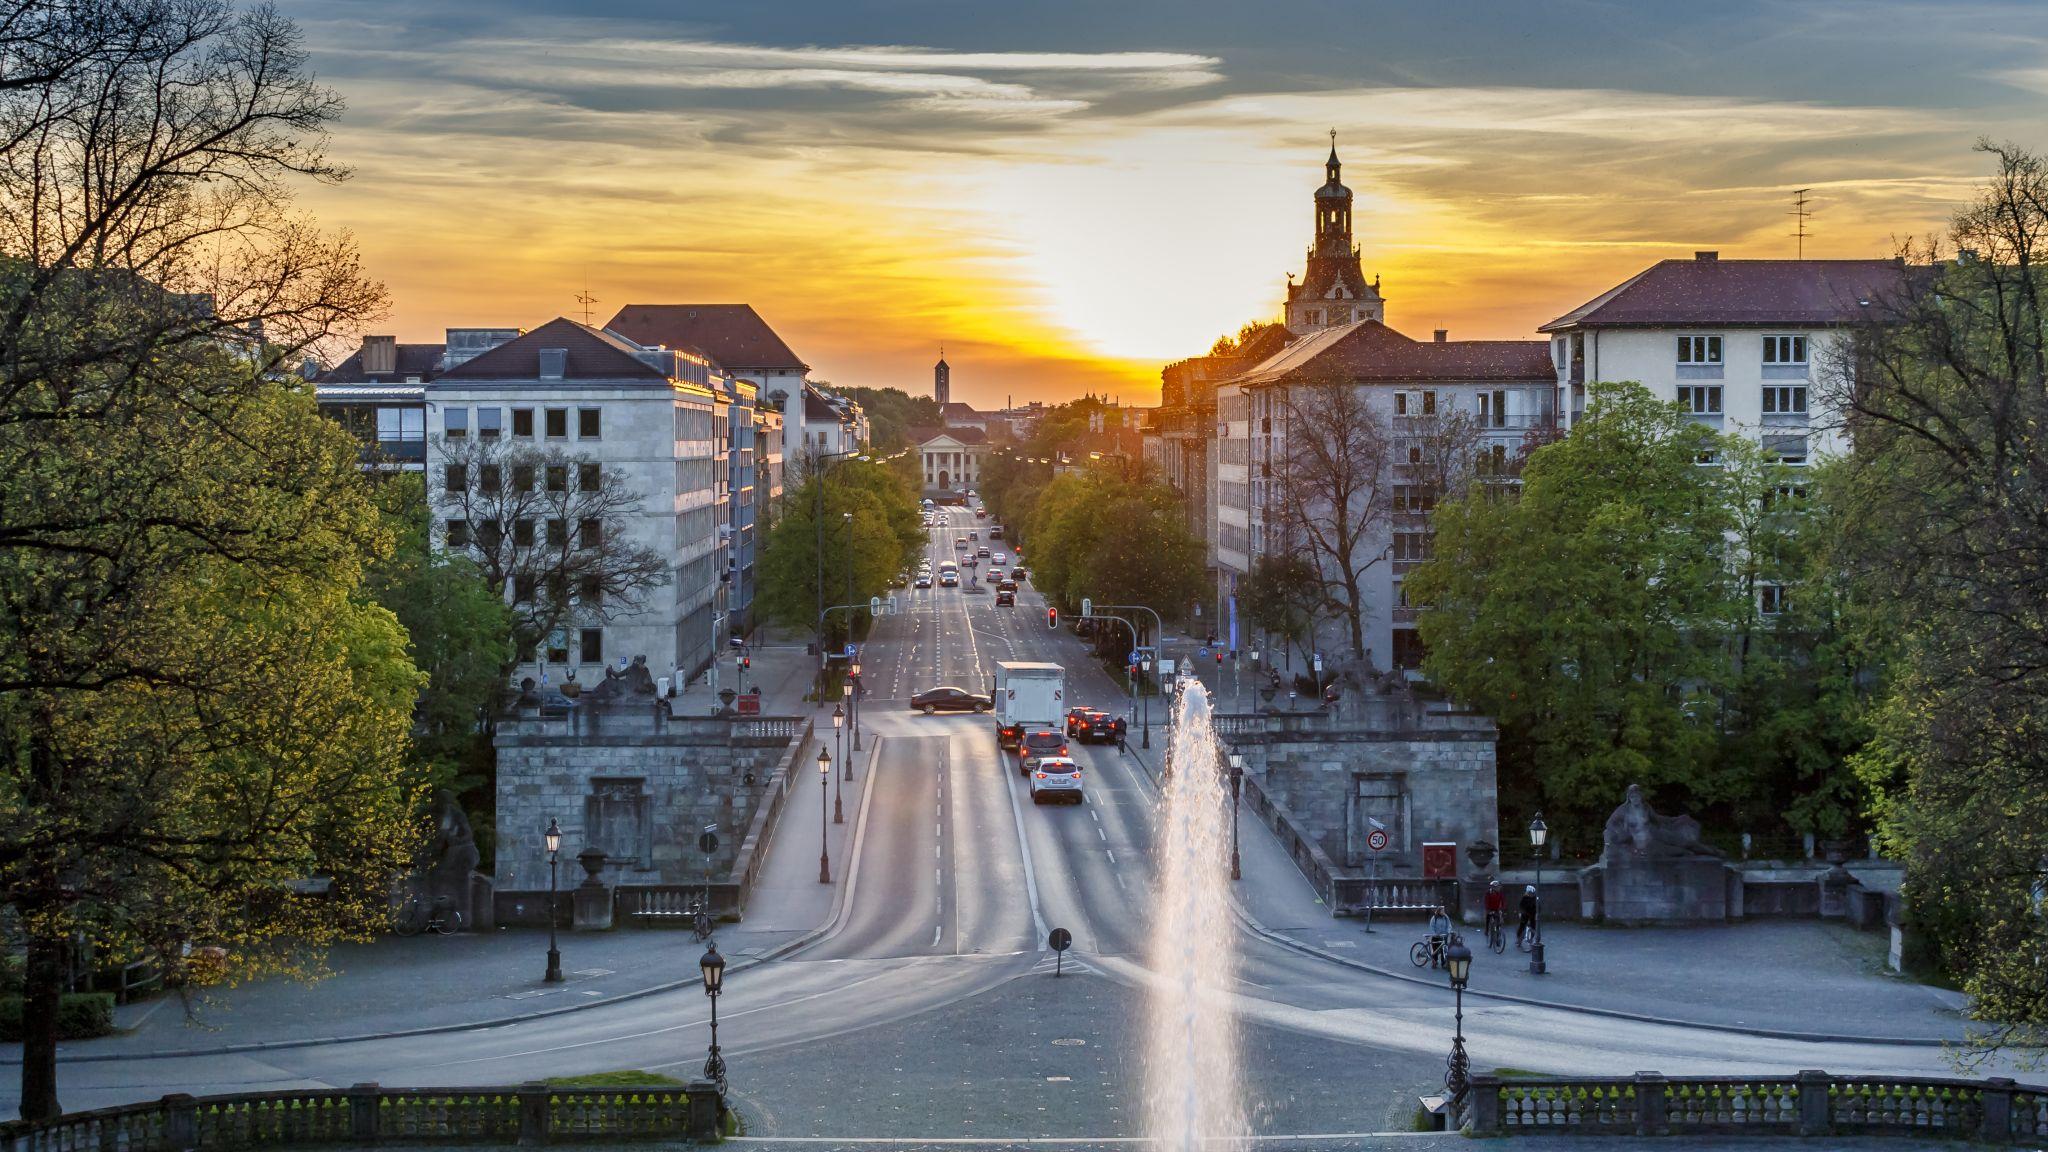 Sunset In Munich (Friedensengel), Germany